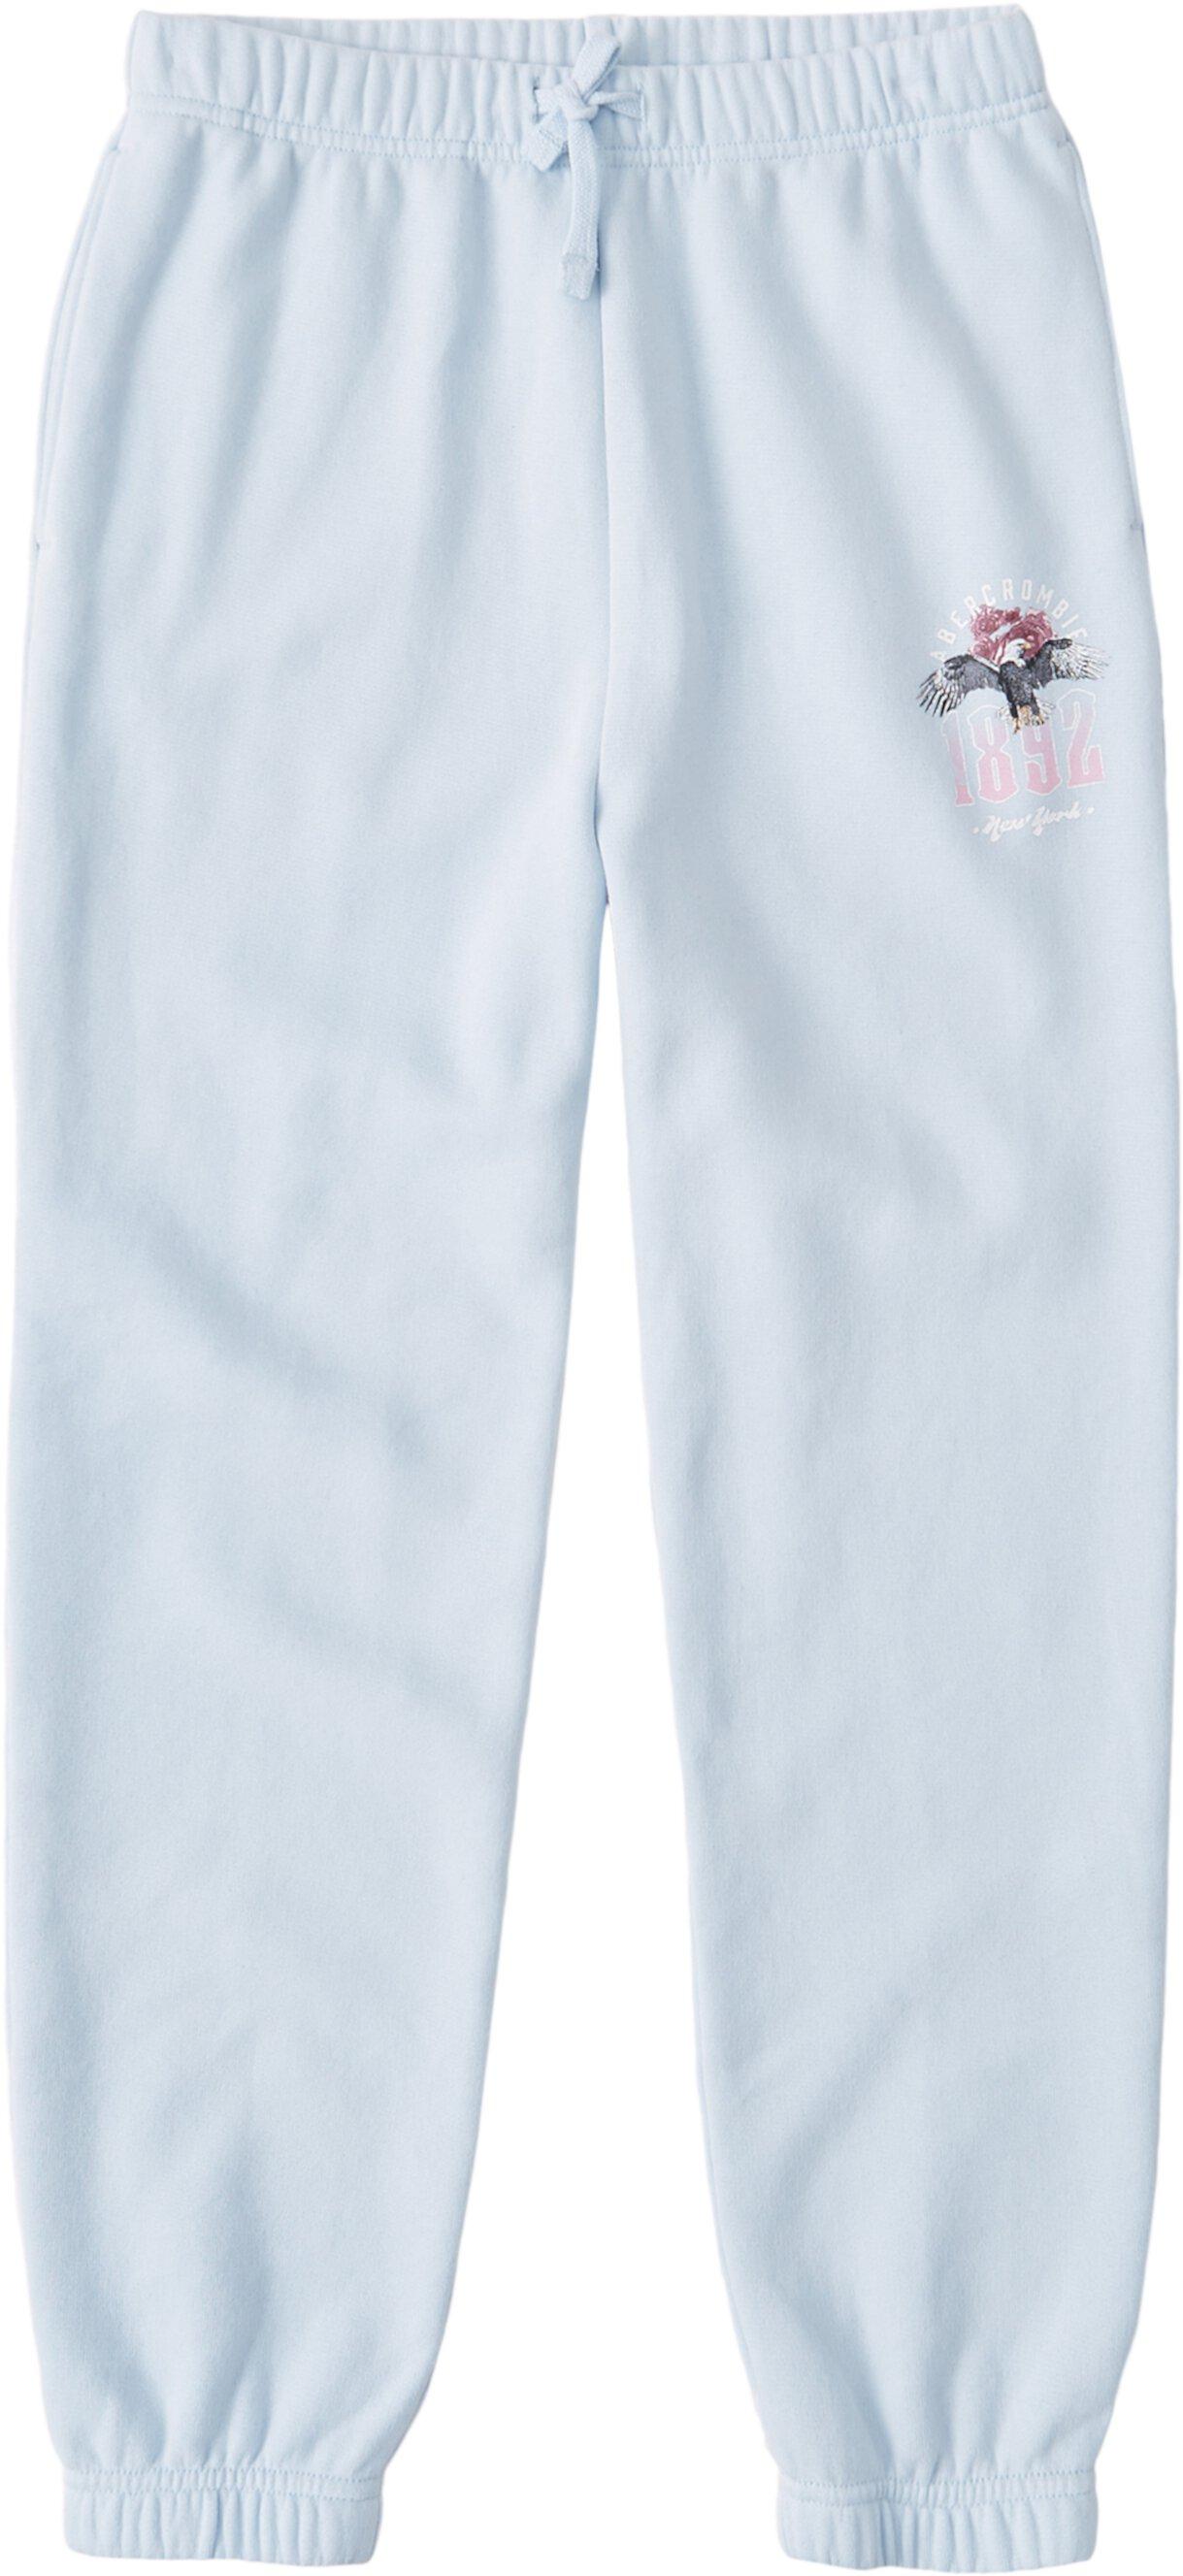 Классические спортивные штаны с логотипом (для маленьких и больших детей) Abercrombie kids